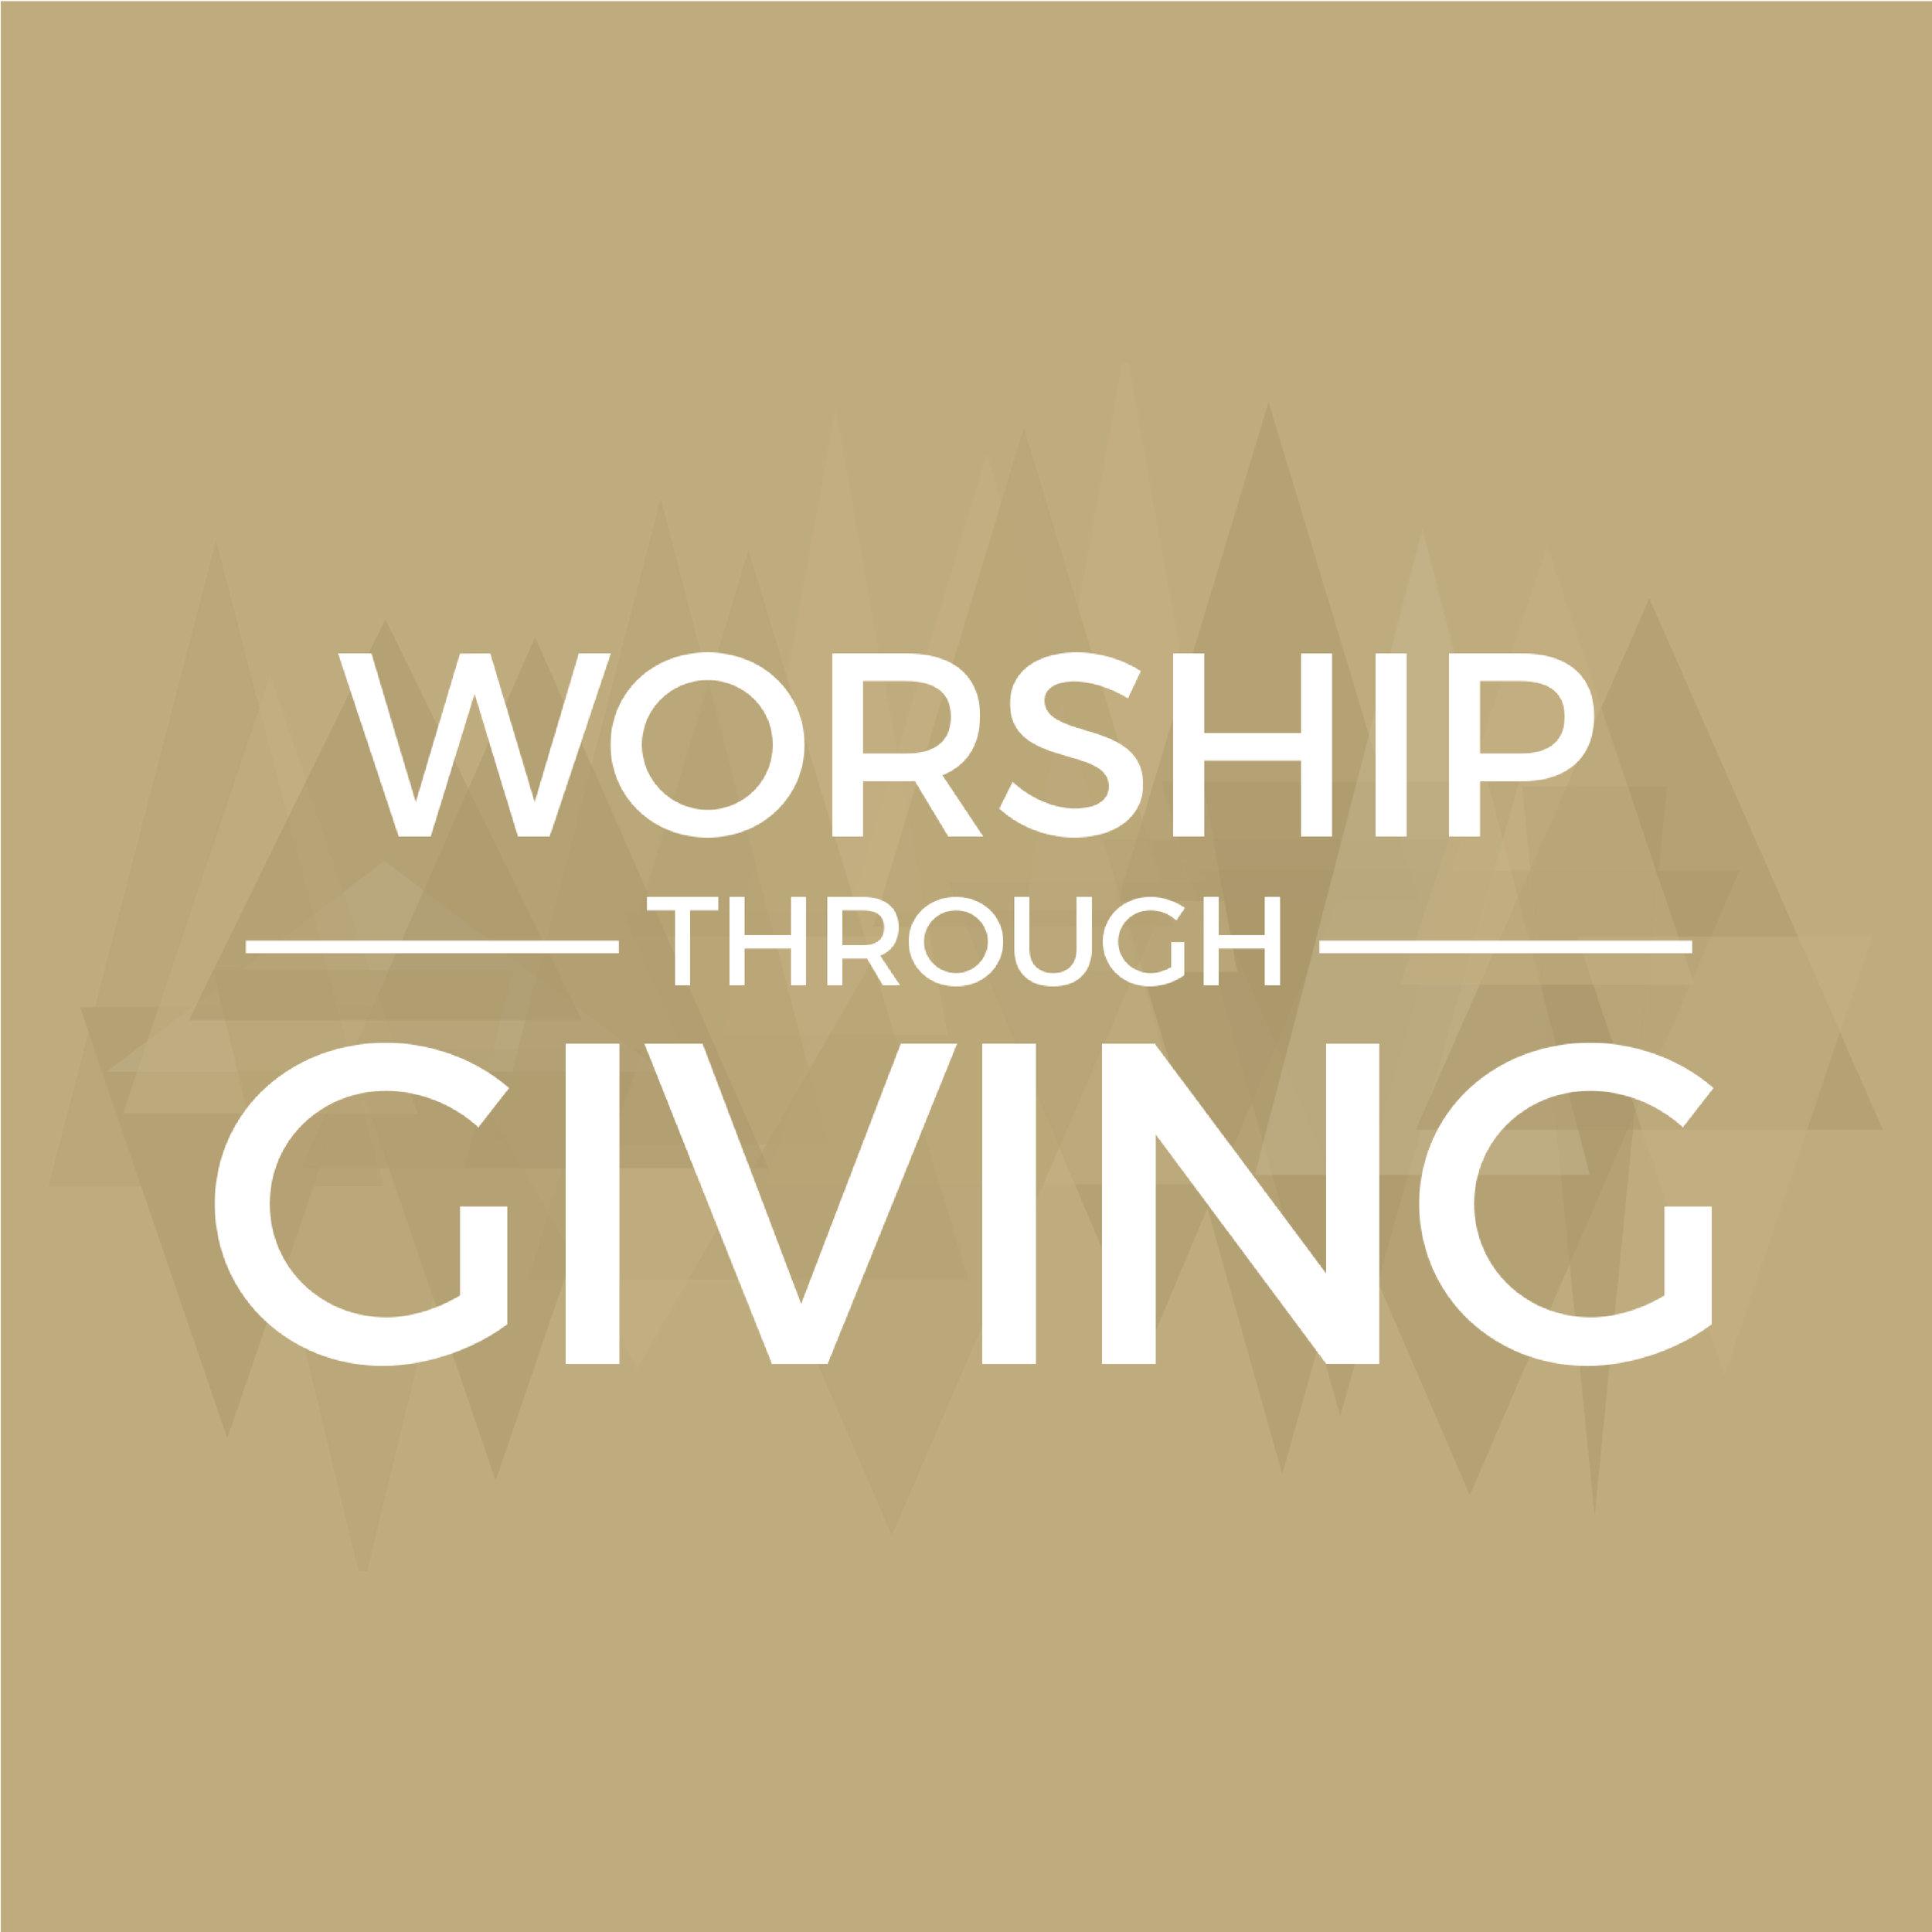 Giving-01.jpg